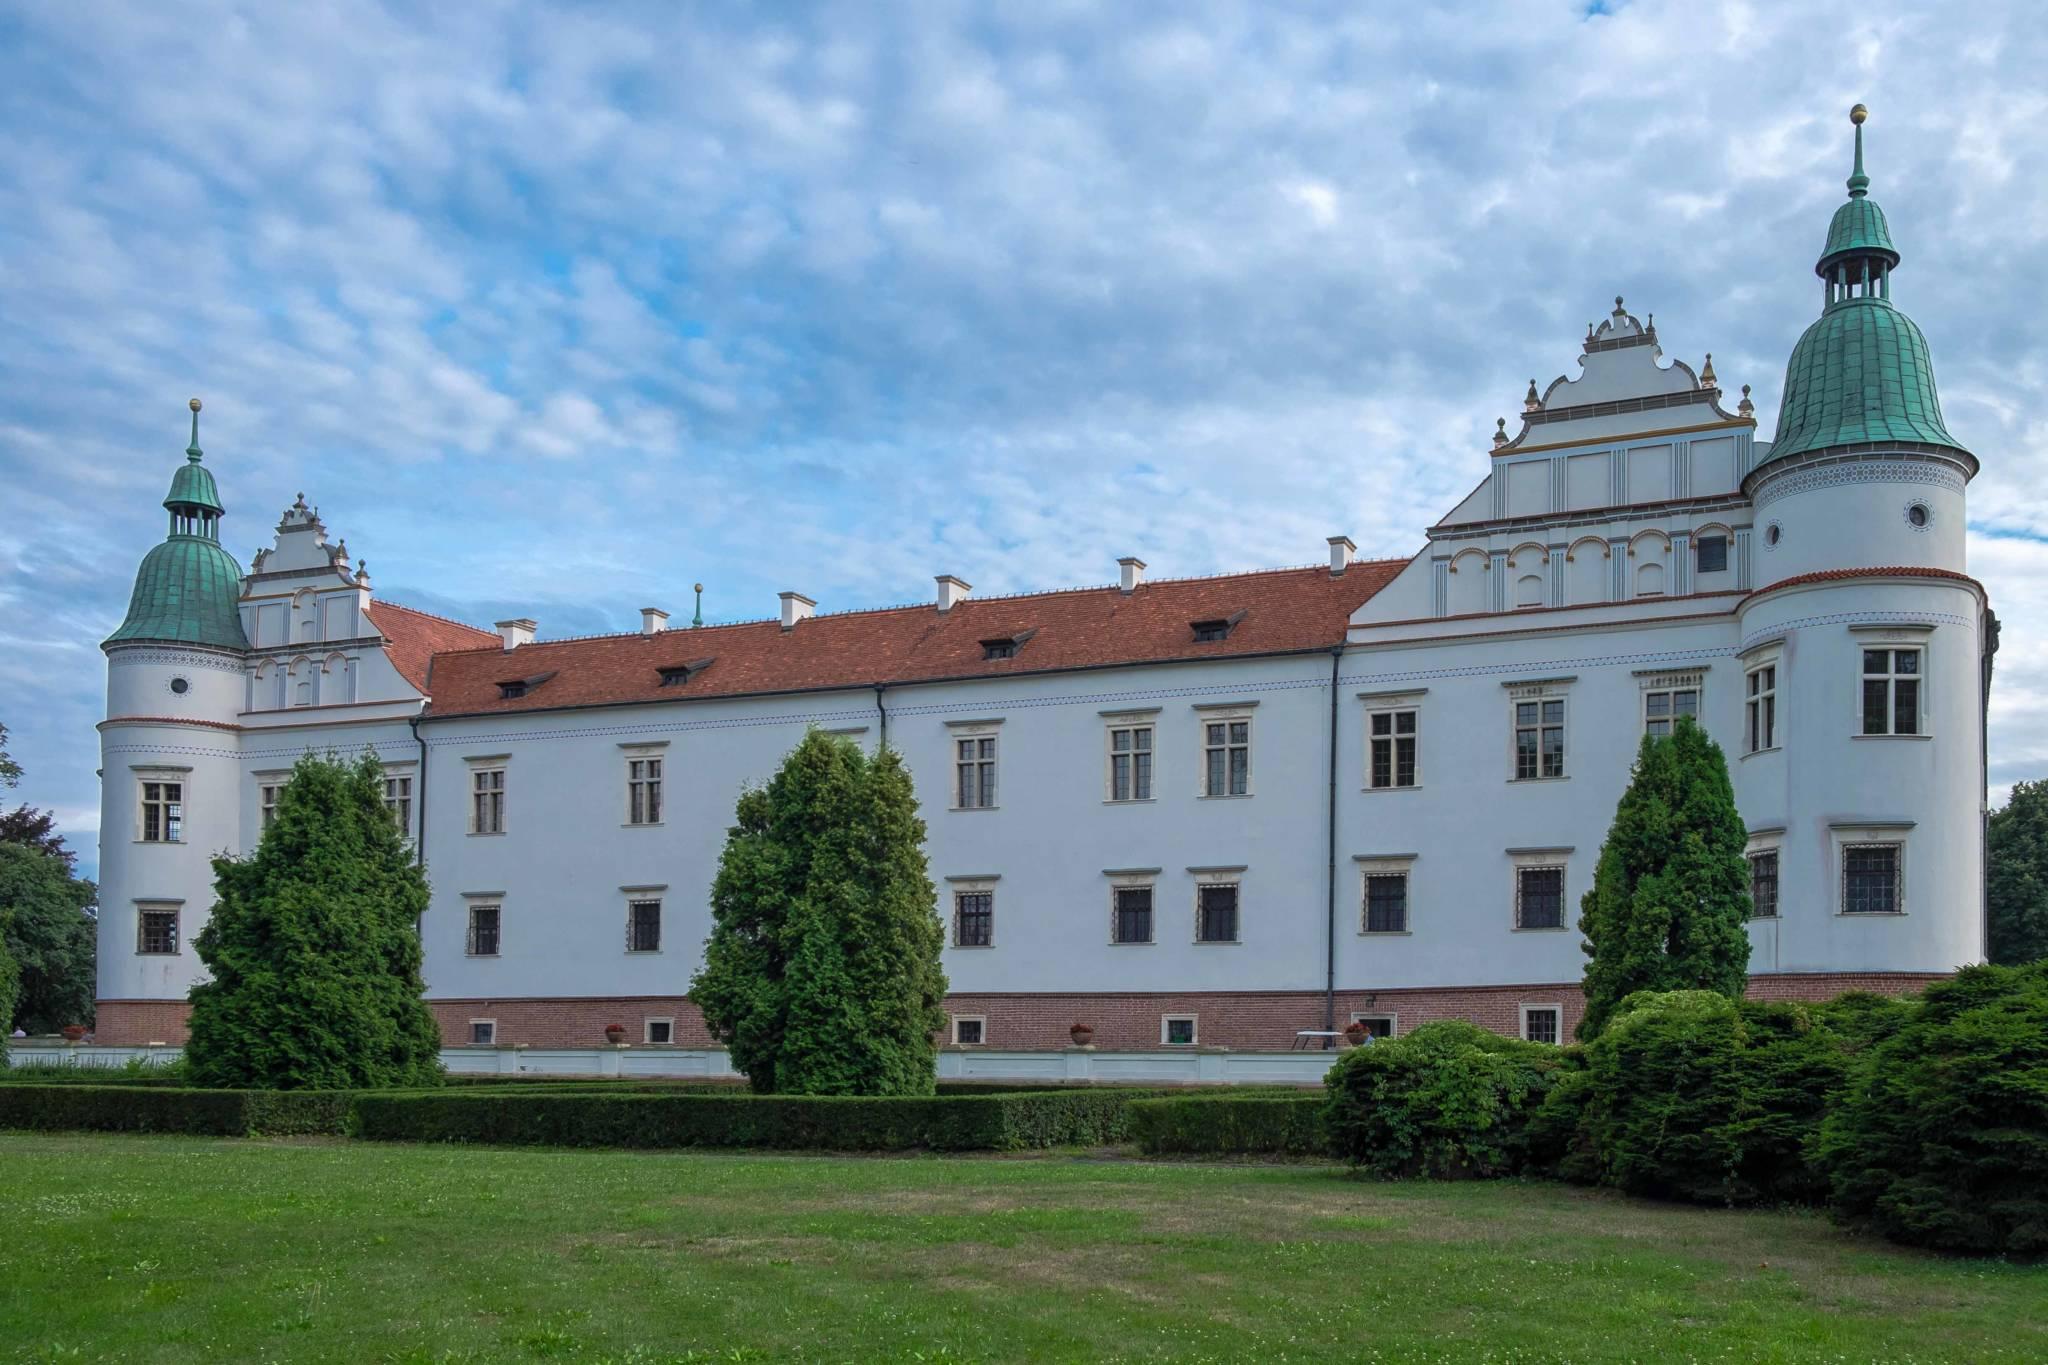 Zamek w Baranowie Sandomierskim (12)